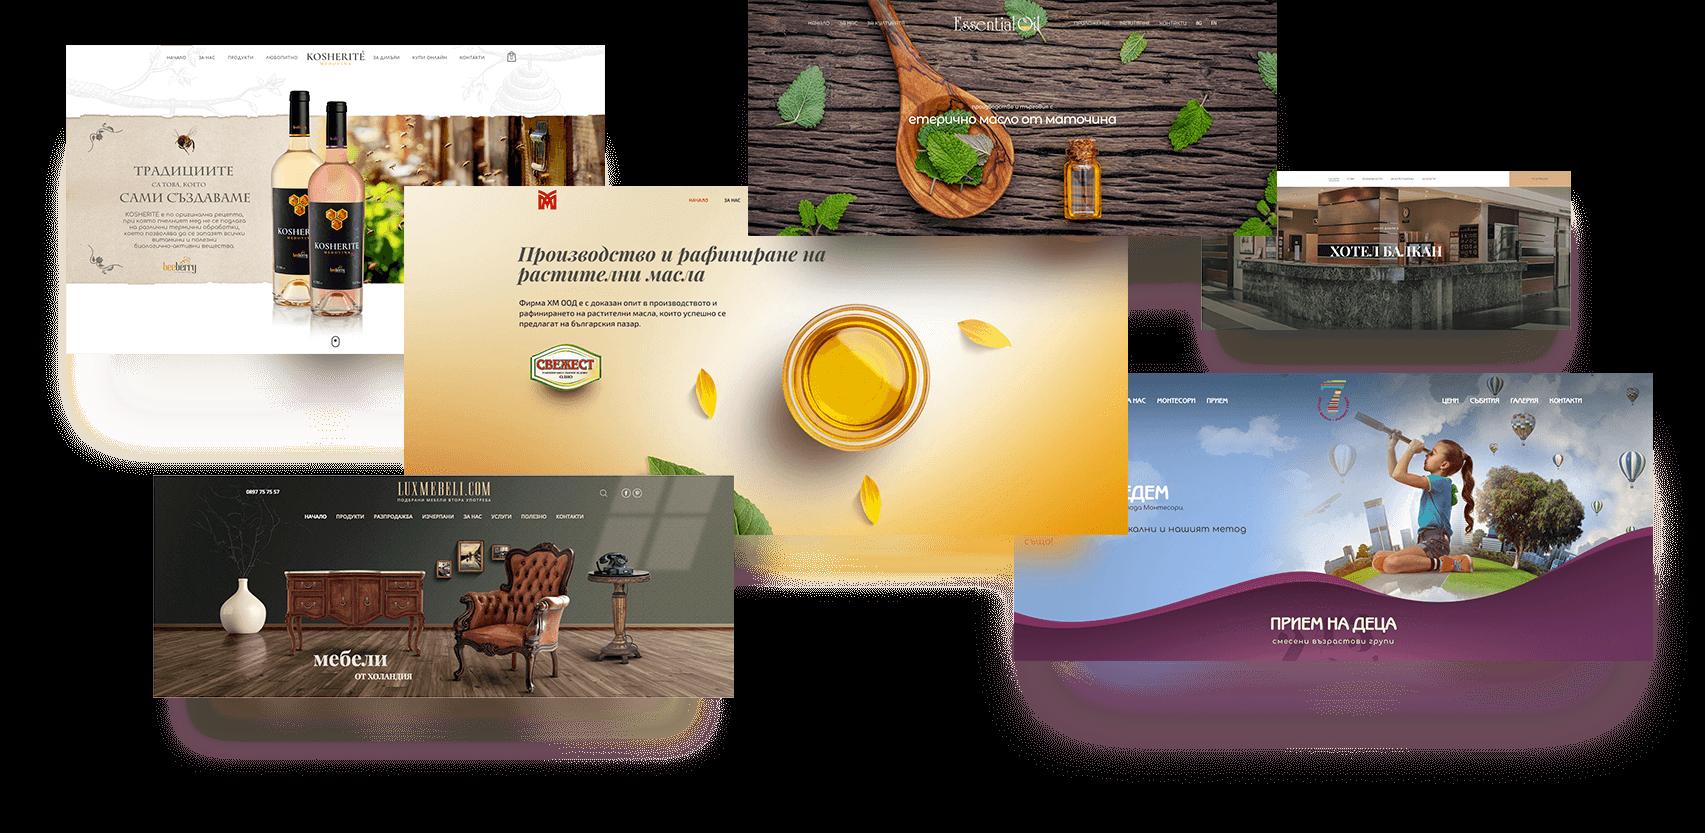 изработка на креативни банери за фирмени уеб сайтове